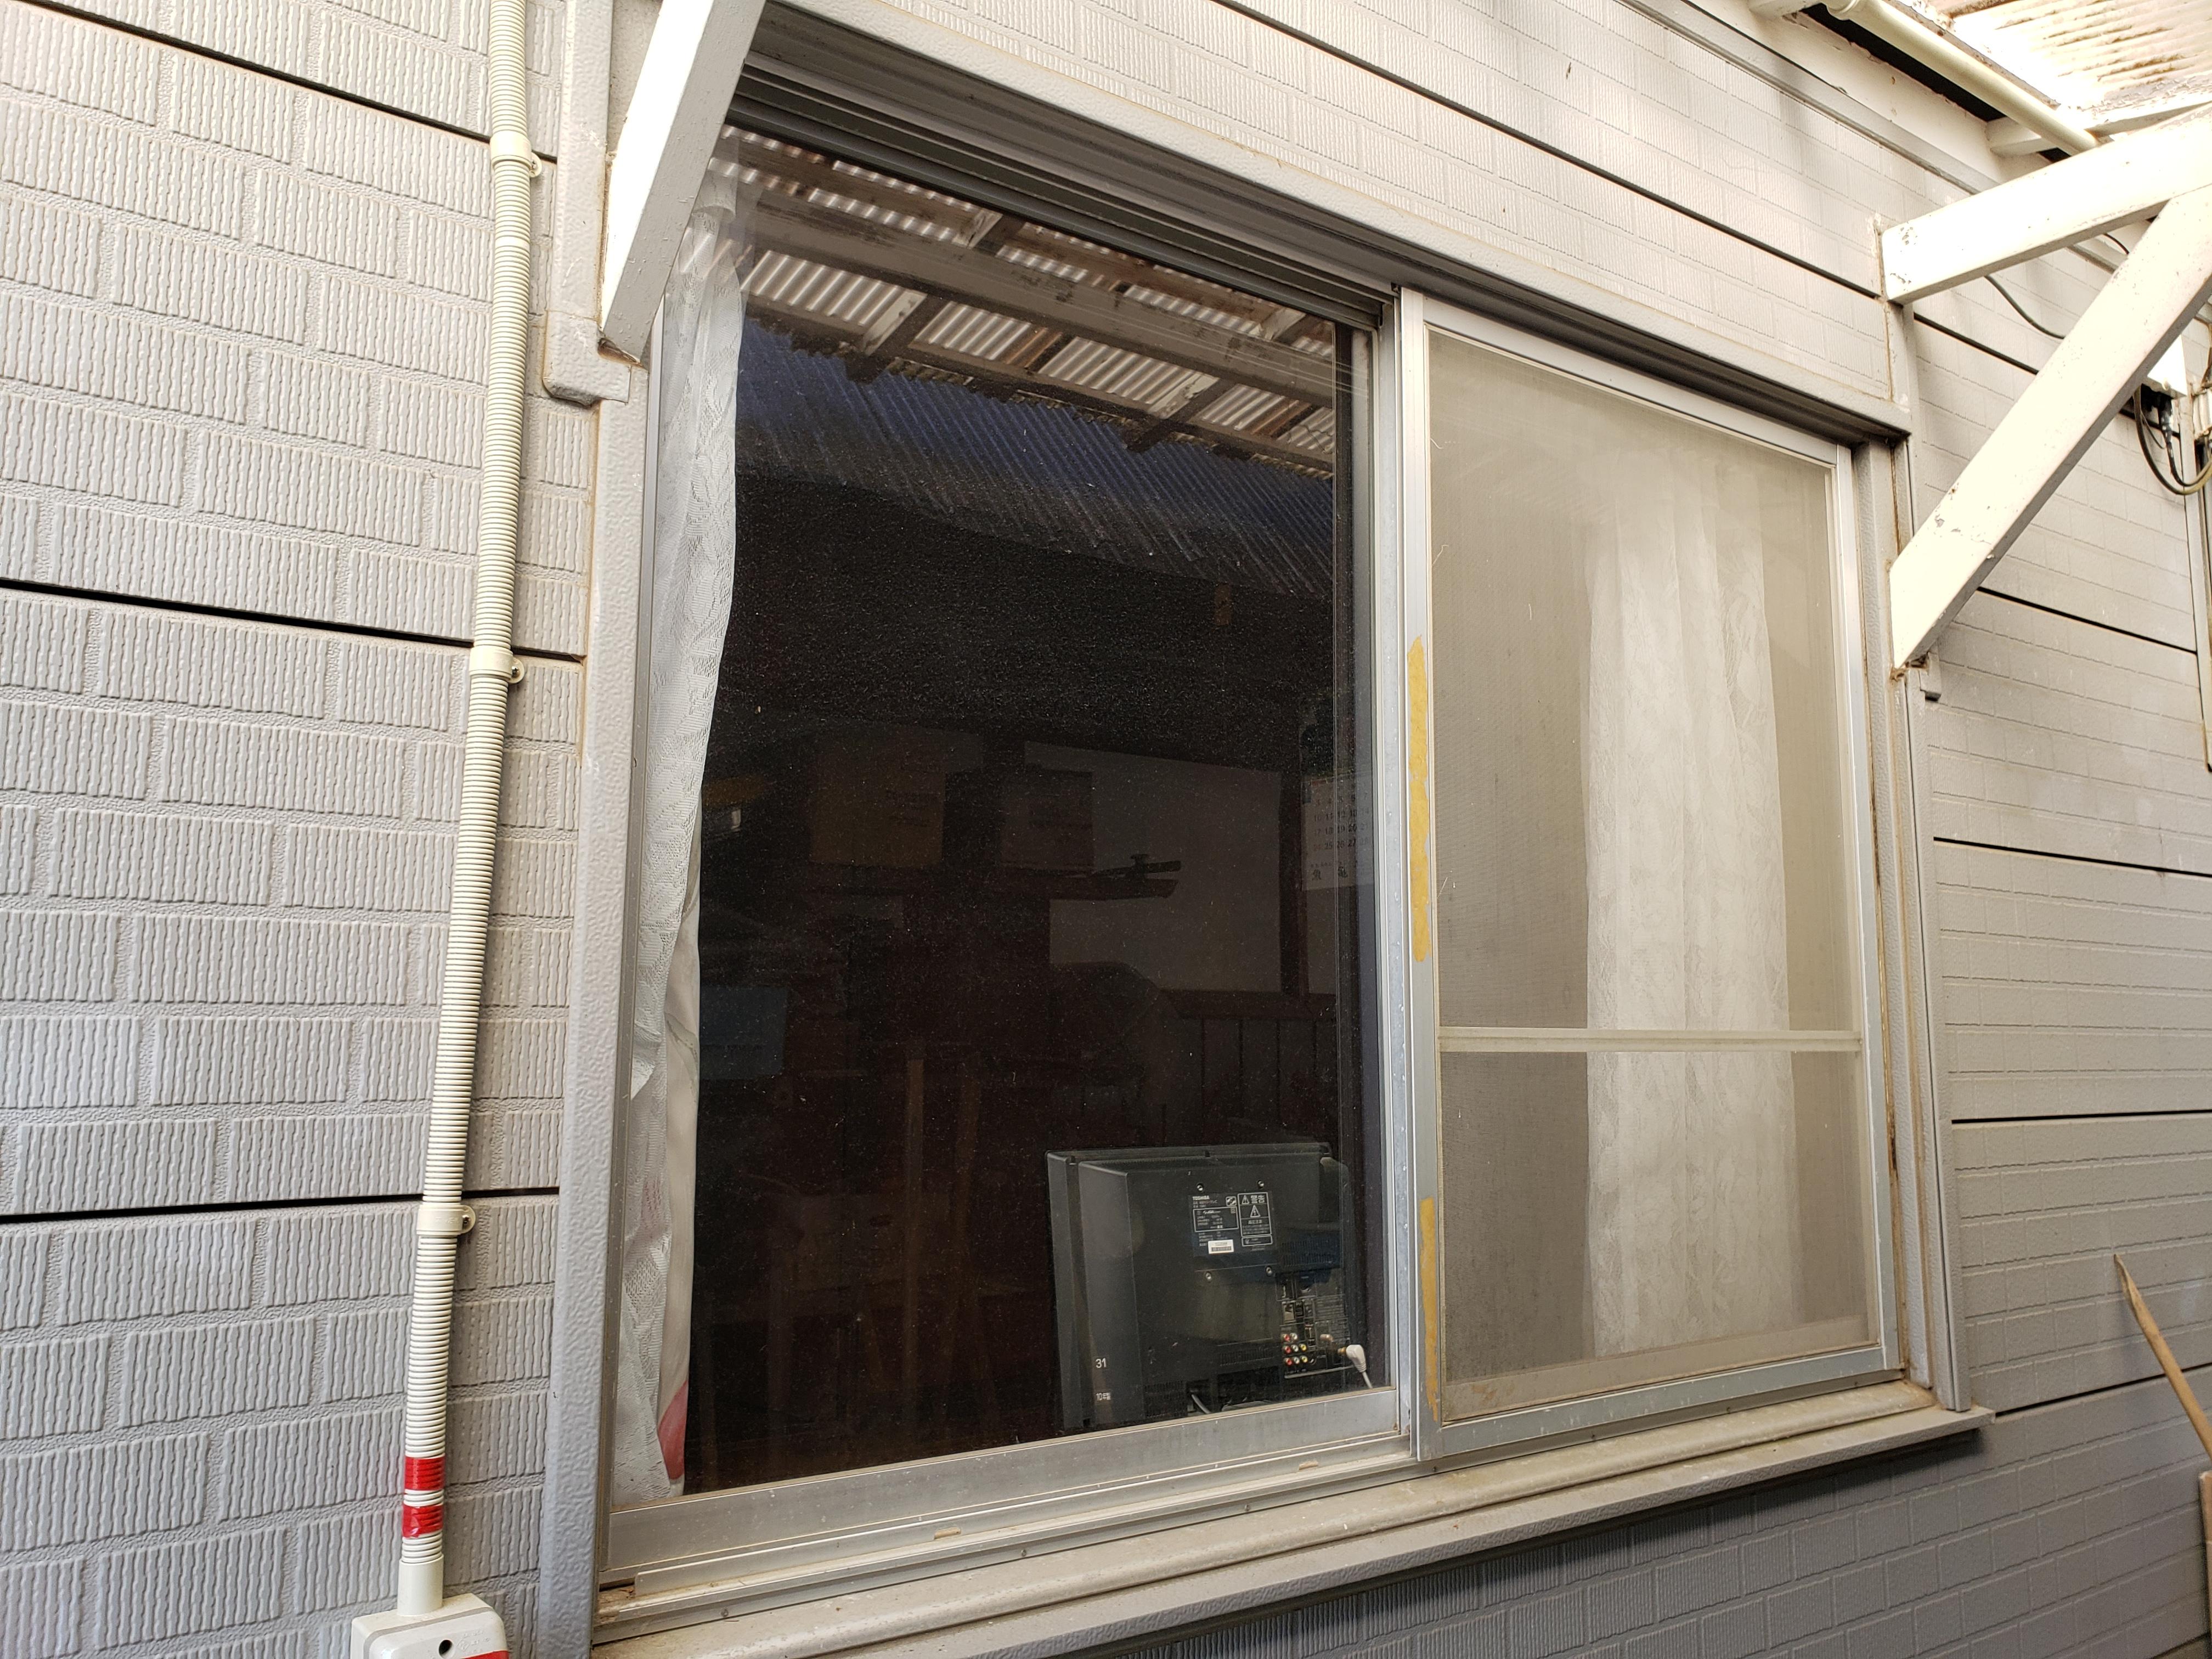 ギャラリーパティオの窓 交換 リプラスの施工前の写真1